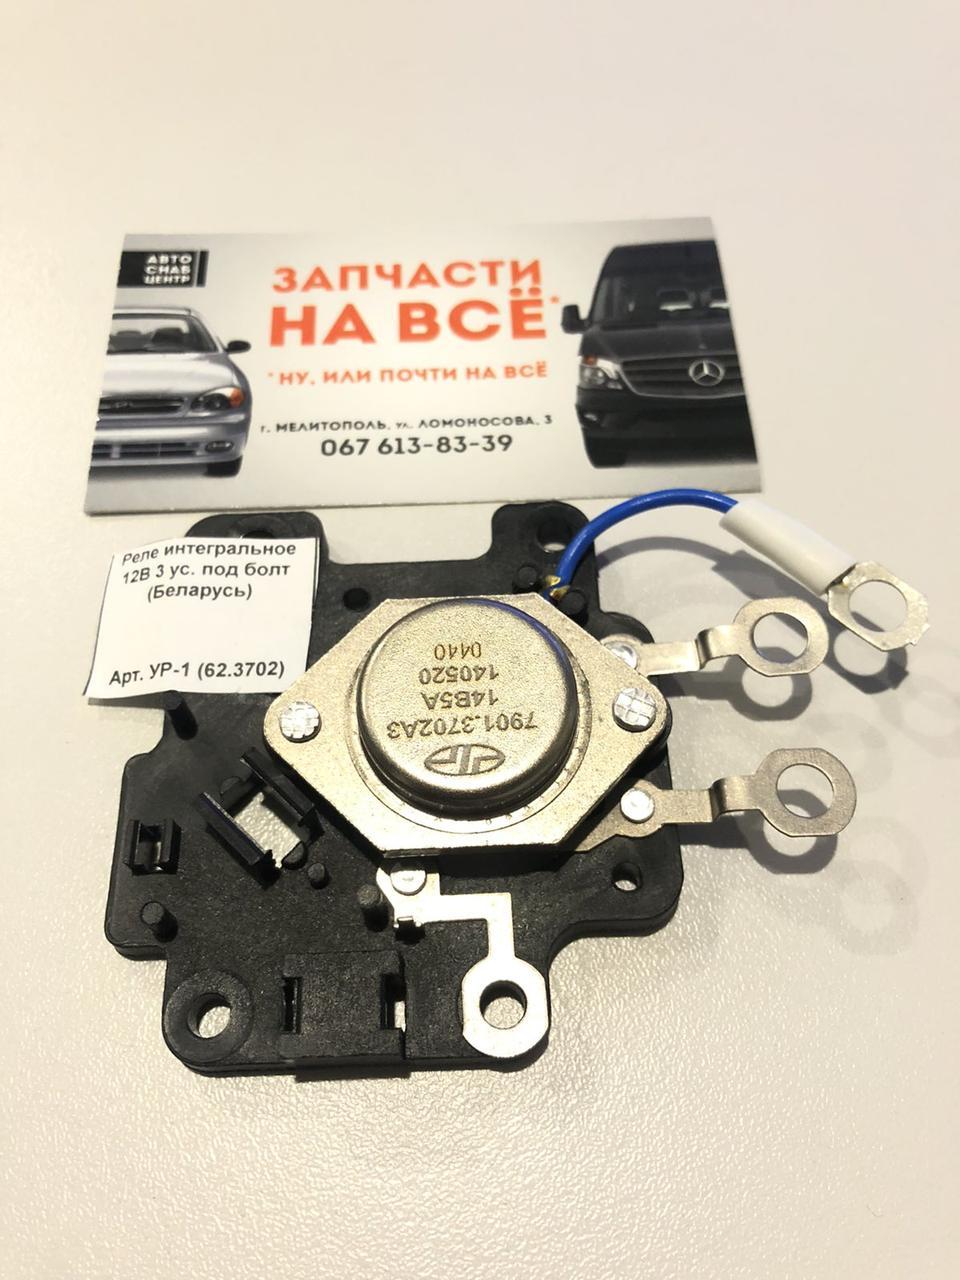 Реле інтегральне 12В 3 вус. під болт МТЗ пристрій регулювальний (пр-во Білорусь) УР-1 (62.3702)